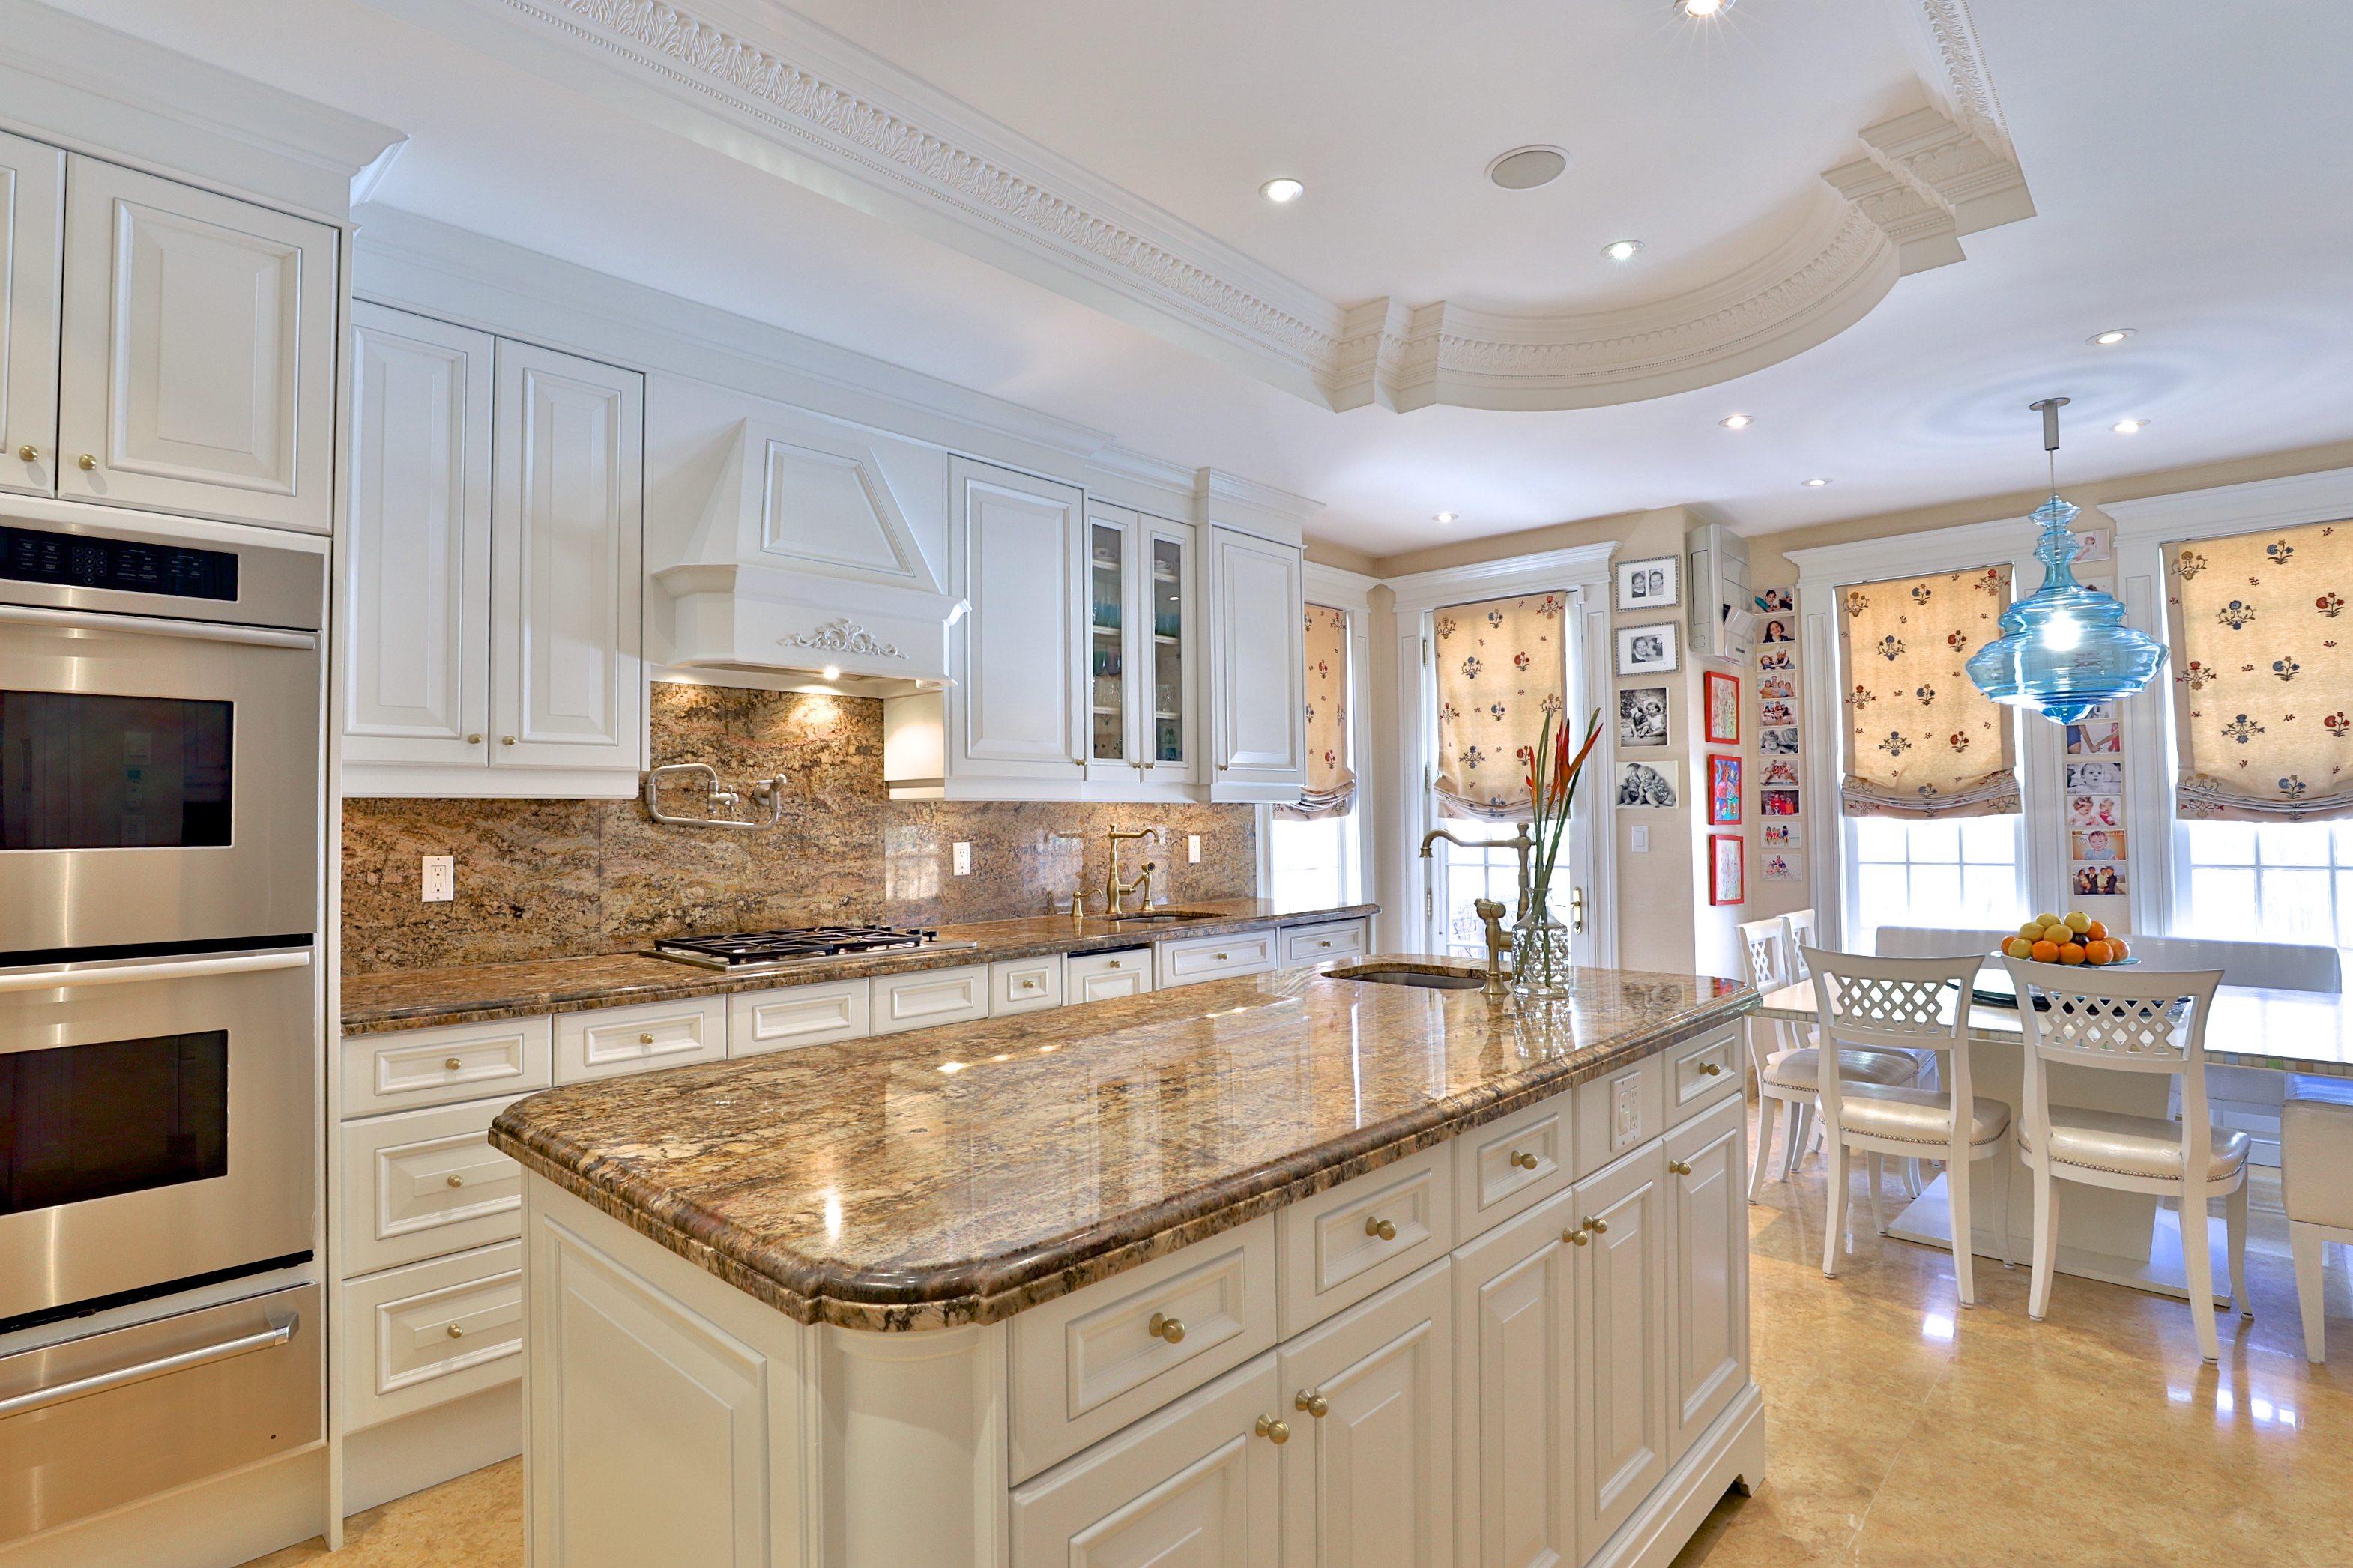 toronto-house-sold-202-hillhurst-boulevard-5